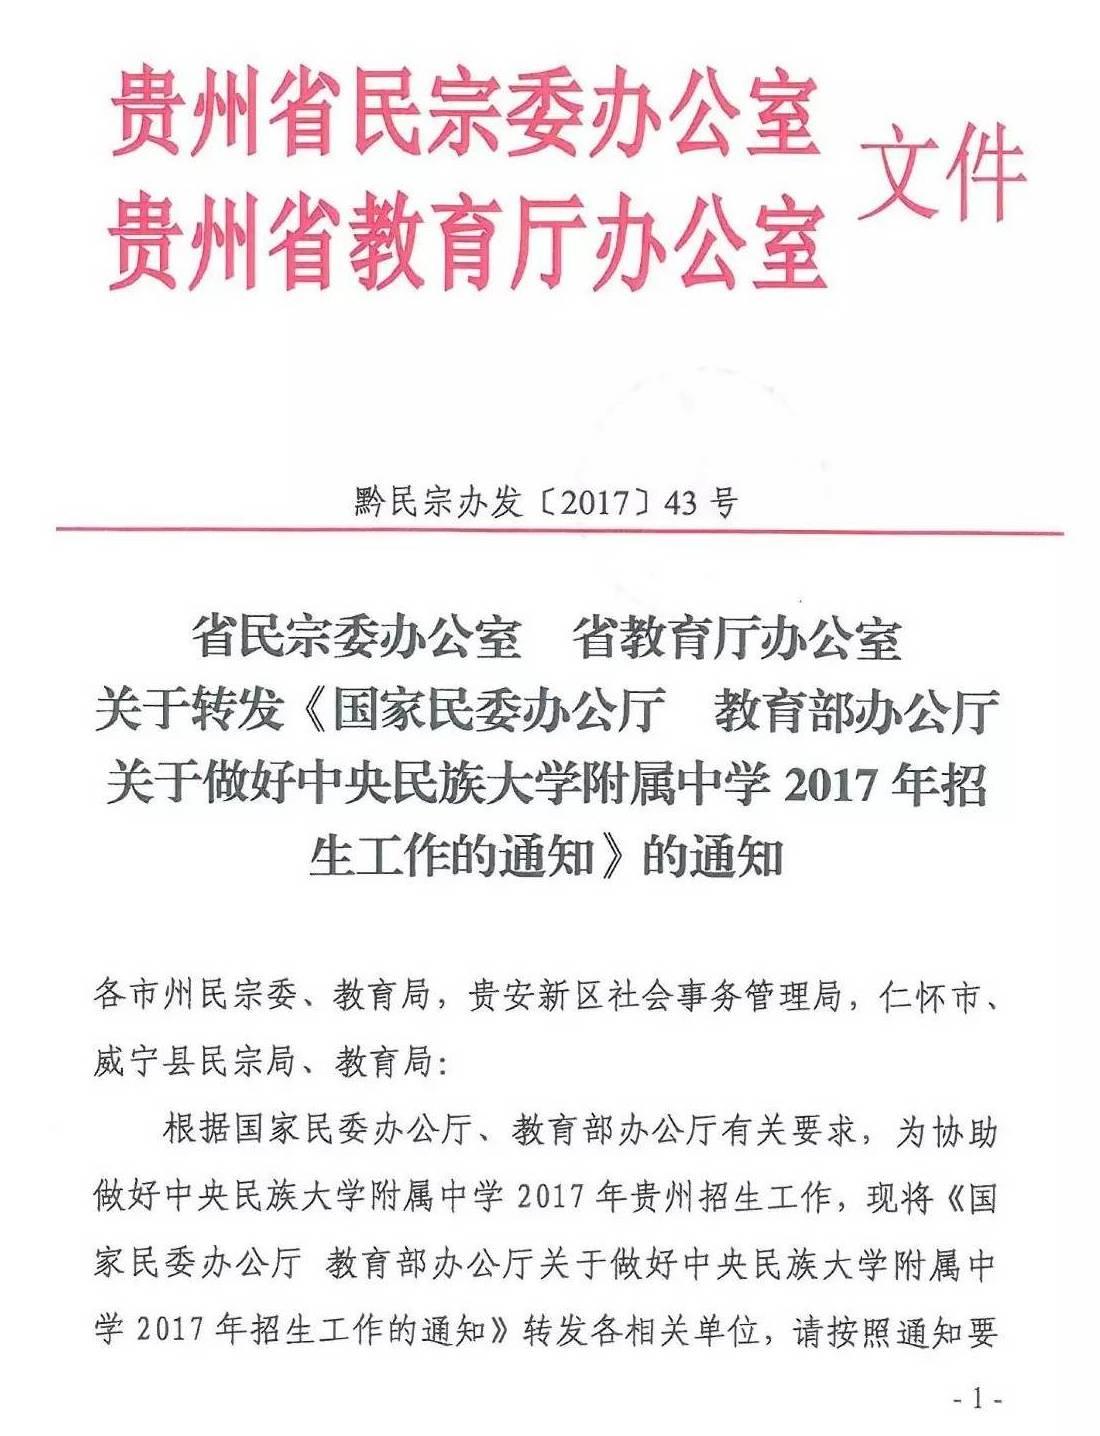 中央民族大学v学校学校面向贵州招收48名少数中学保定市排名榜高中图片